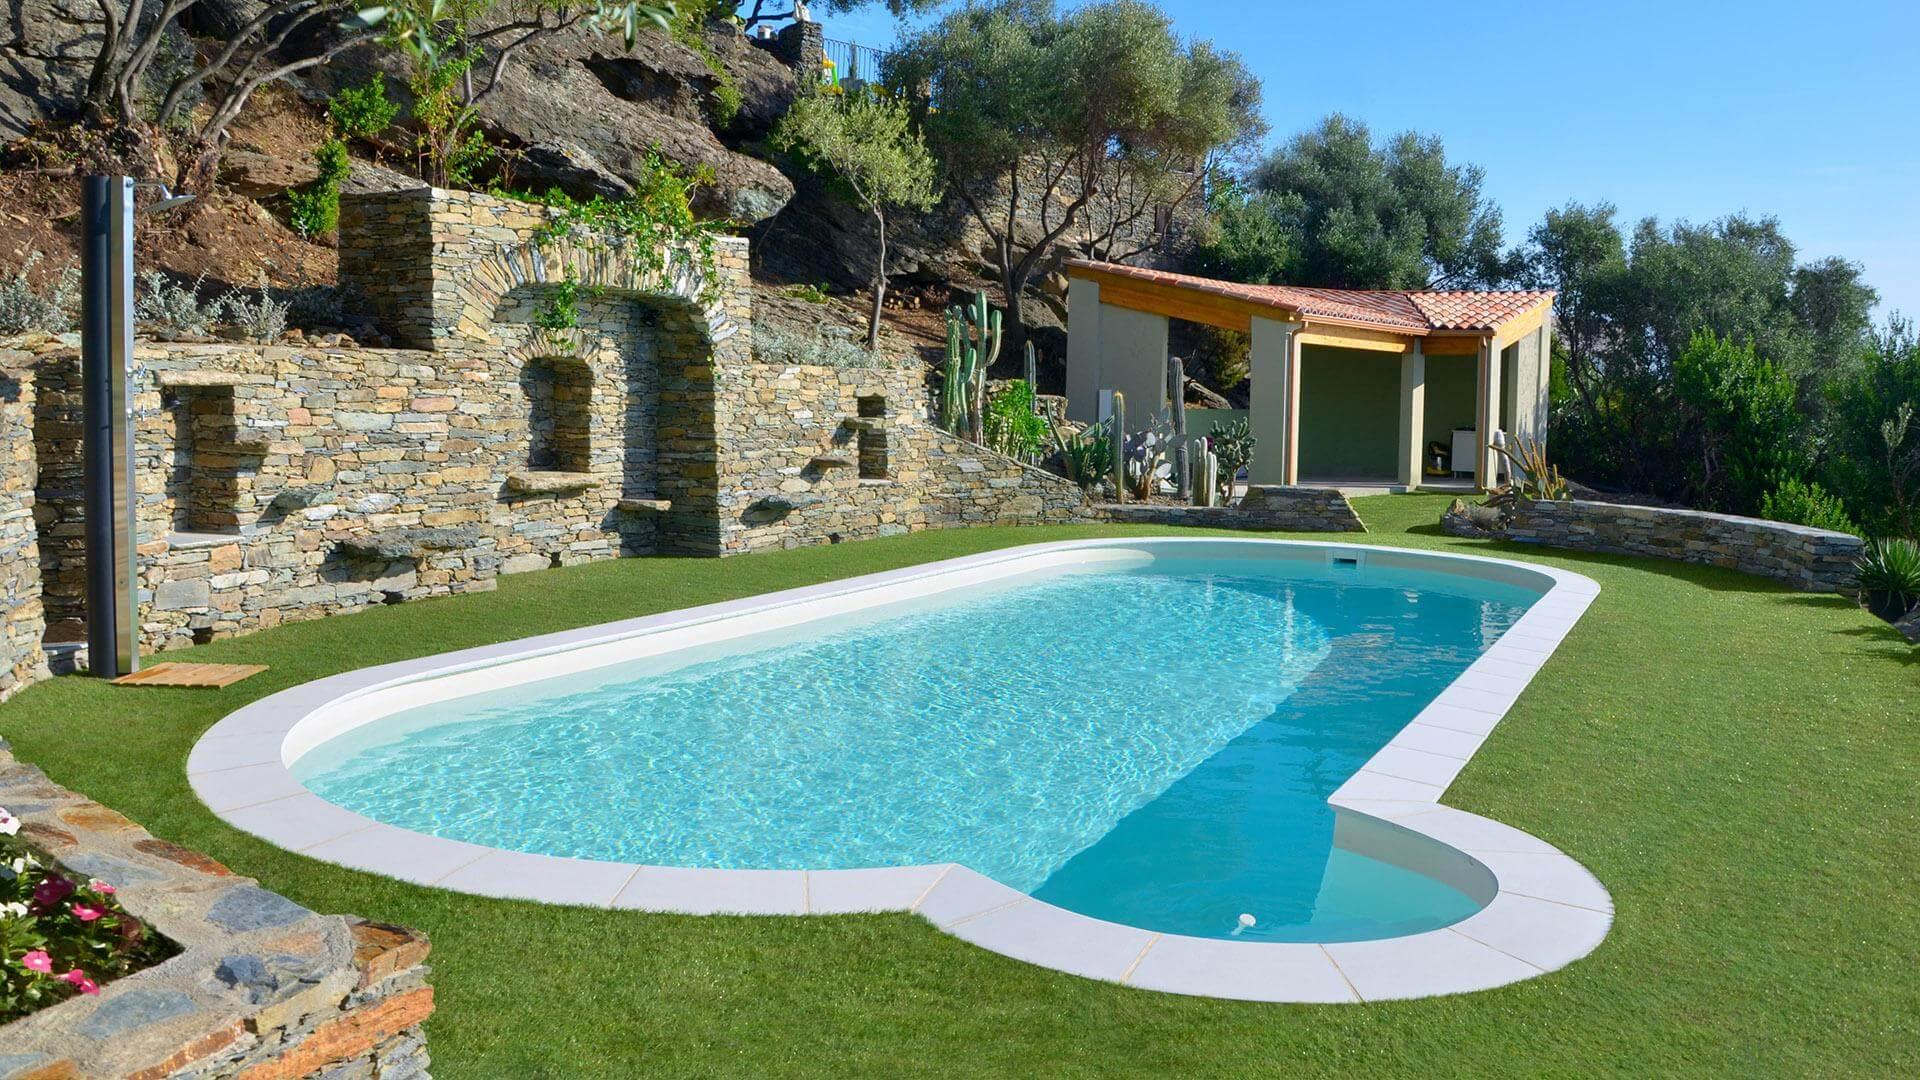 Piscina Su Terreno In Pendenza piscina ovale olivia: lo spazio ideale per nuotare